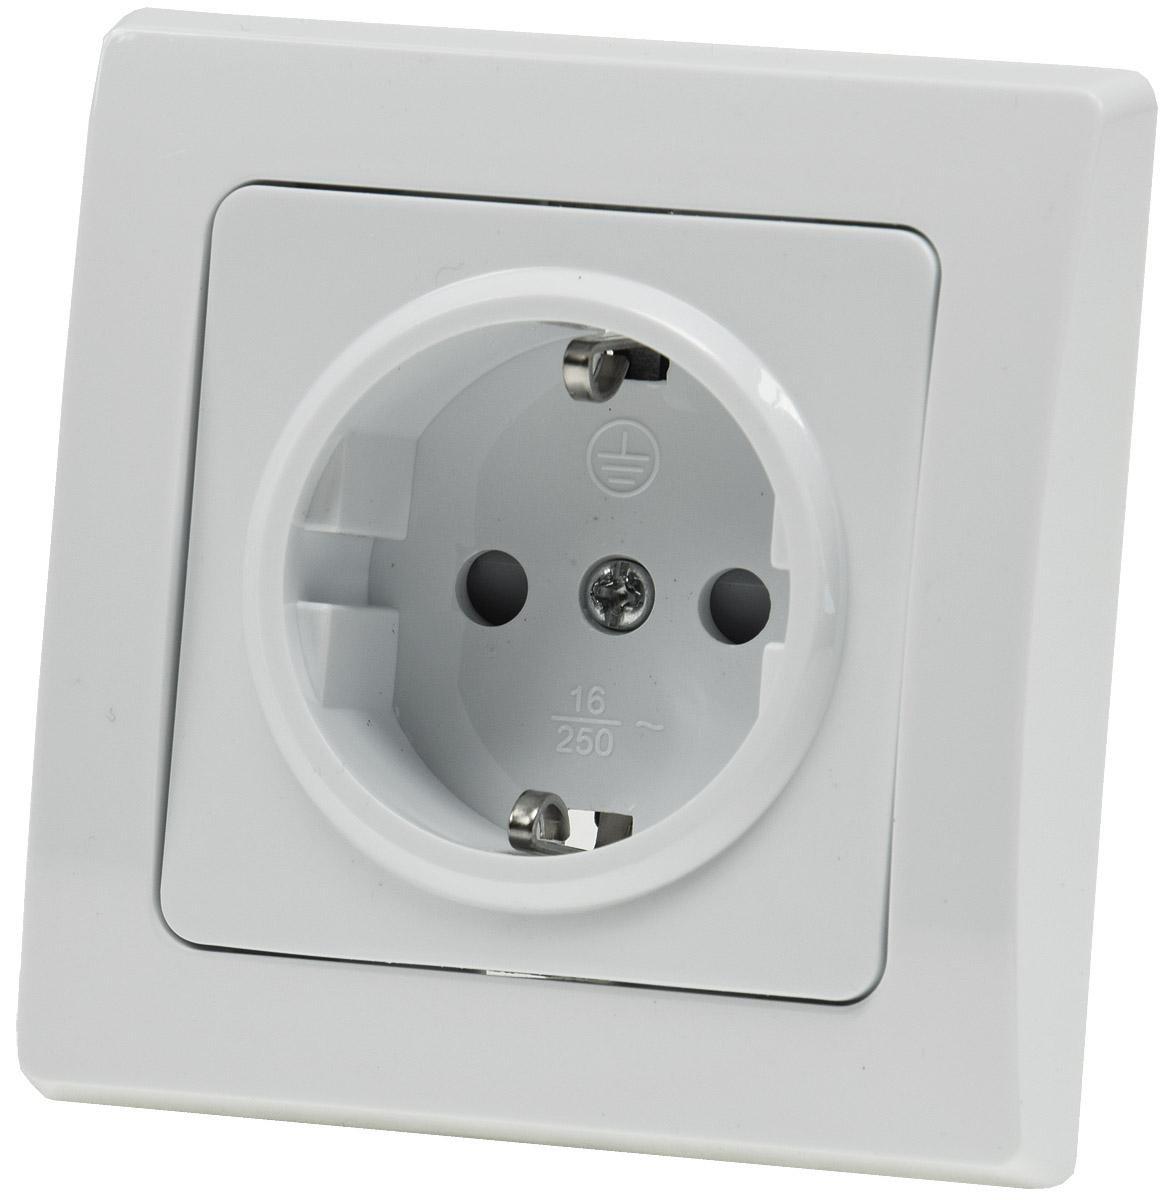 Nett Draht Lichtschalter Und Steckdose Zusammen Ideen - Elektrische ...